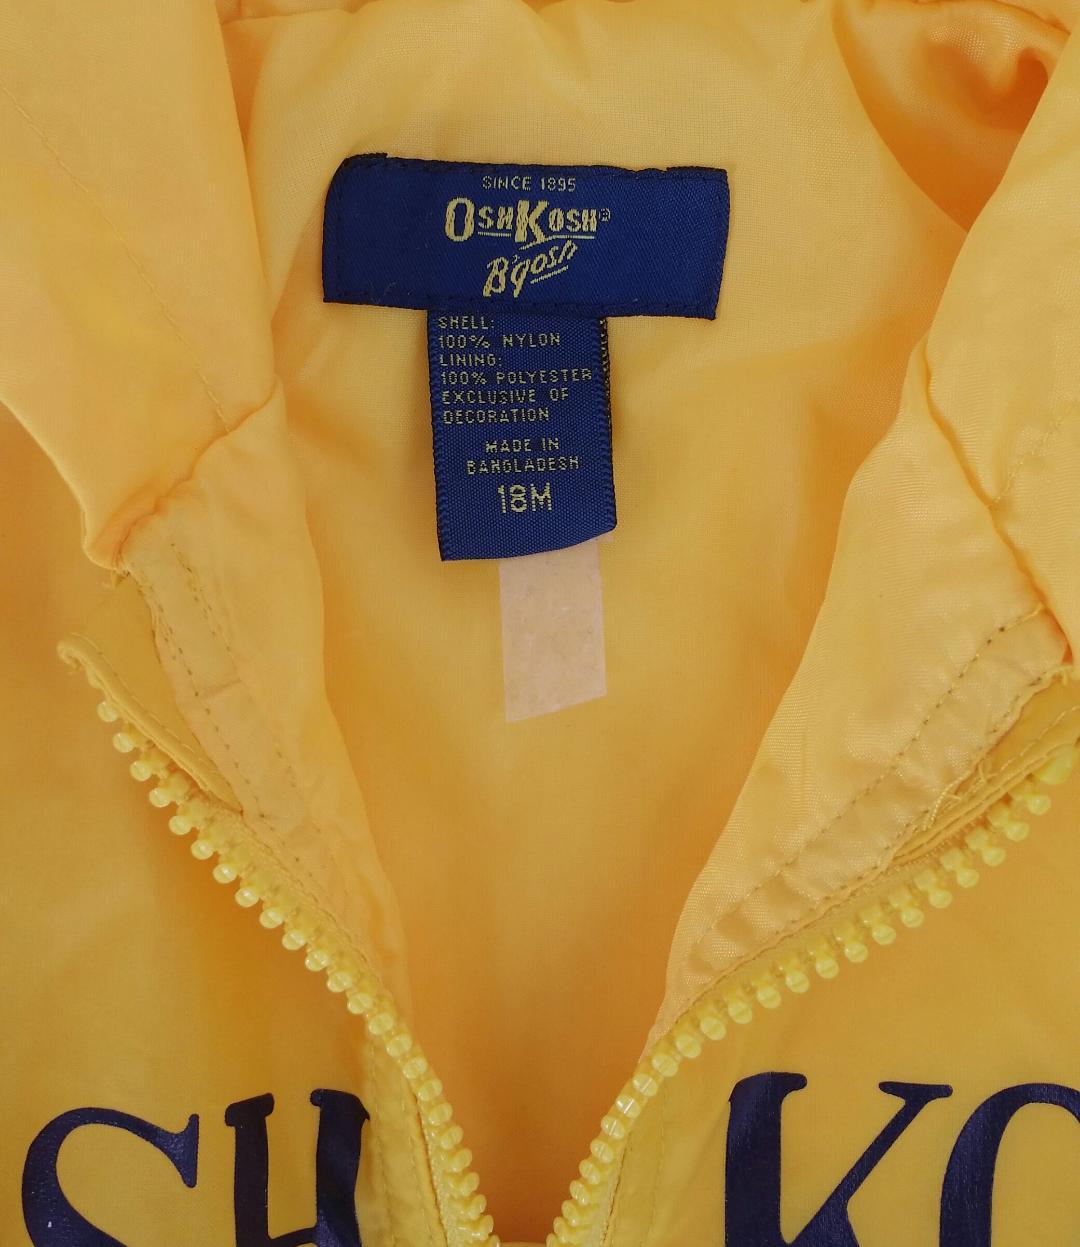 Oshkosh-BGosh-18-24-MONTHS-Nylon-Jacket_2147473B.jpg